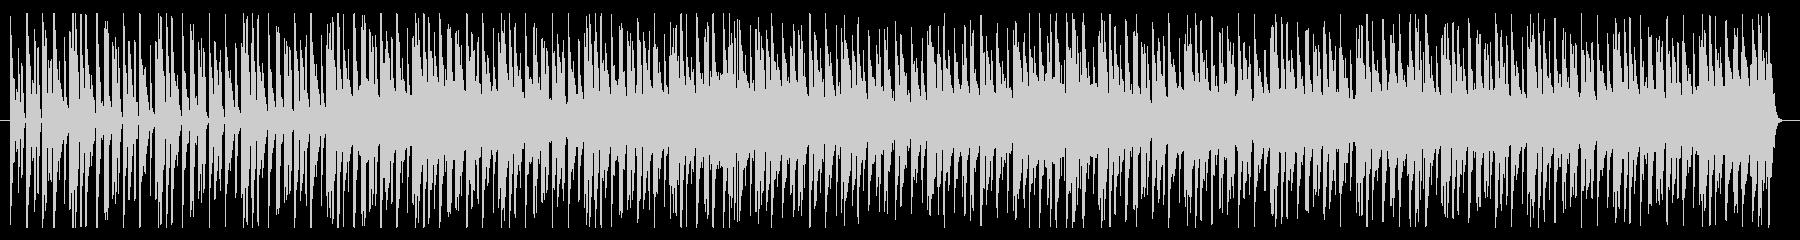 シンプルでクールなドラムンベース風BGMの未再生の波形